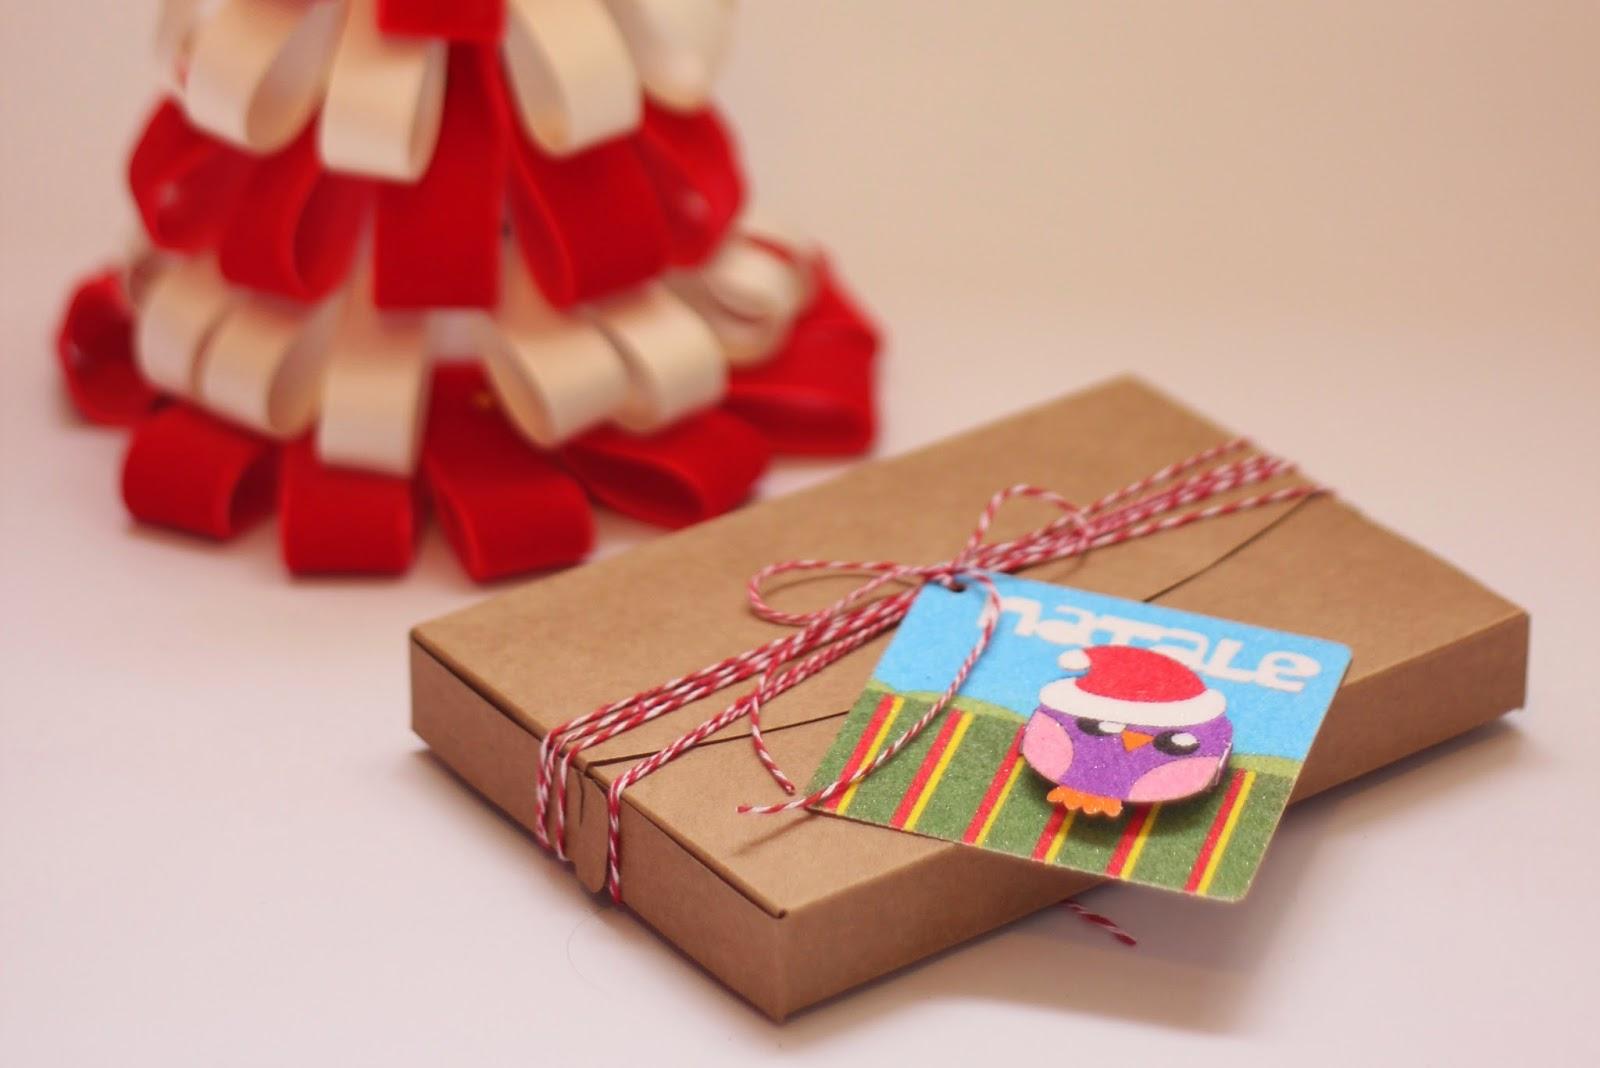 Idee Creative Per Natale dove cadono le stelle (ex zucchero imburrato): ancora